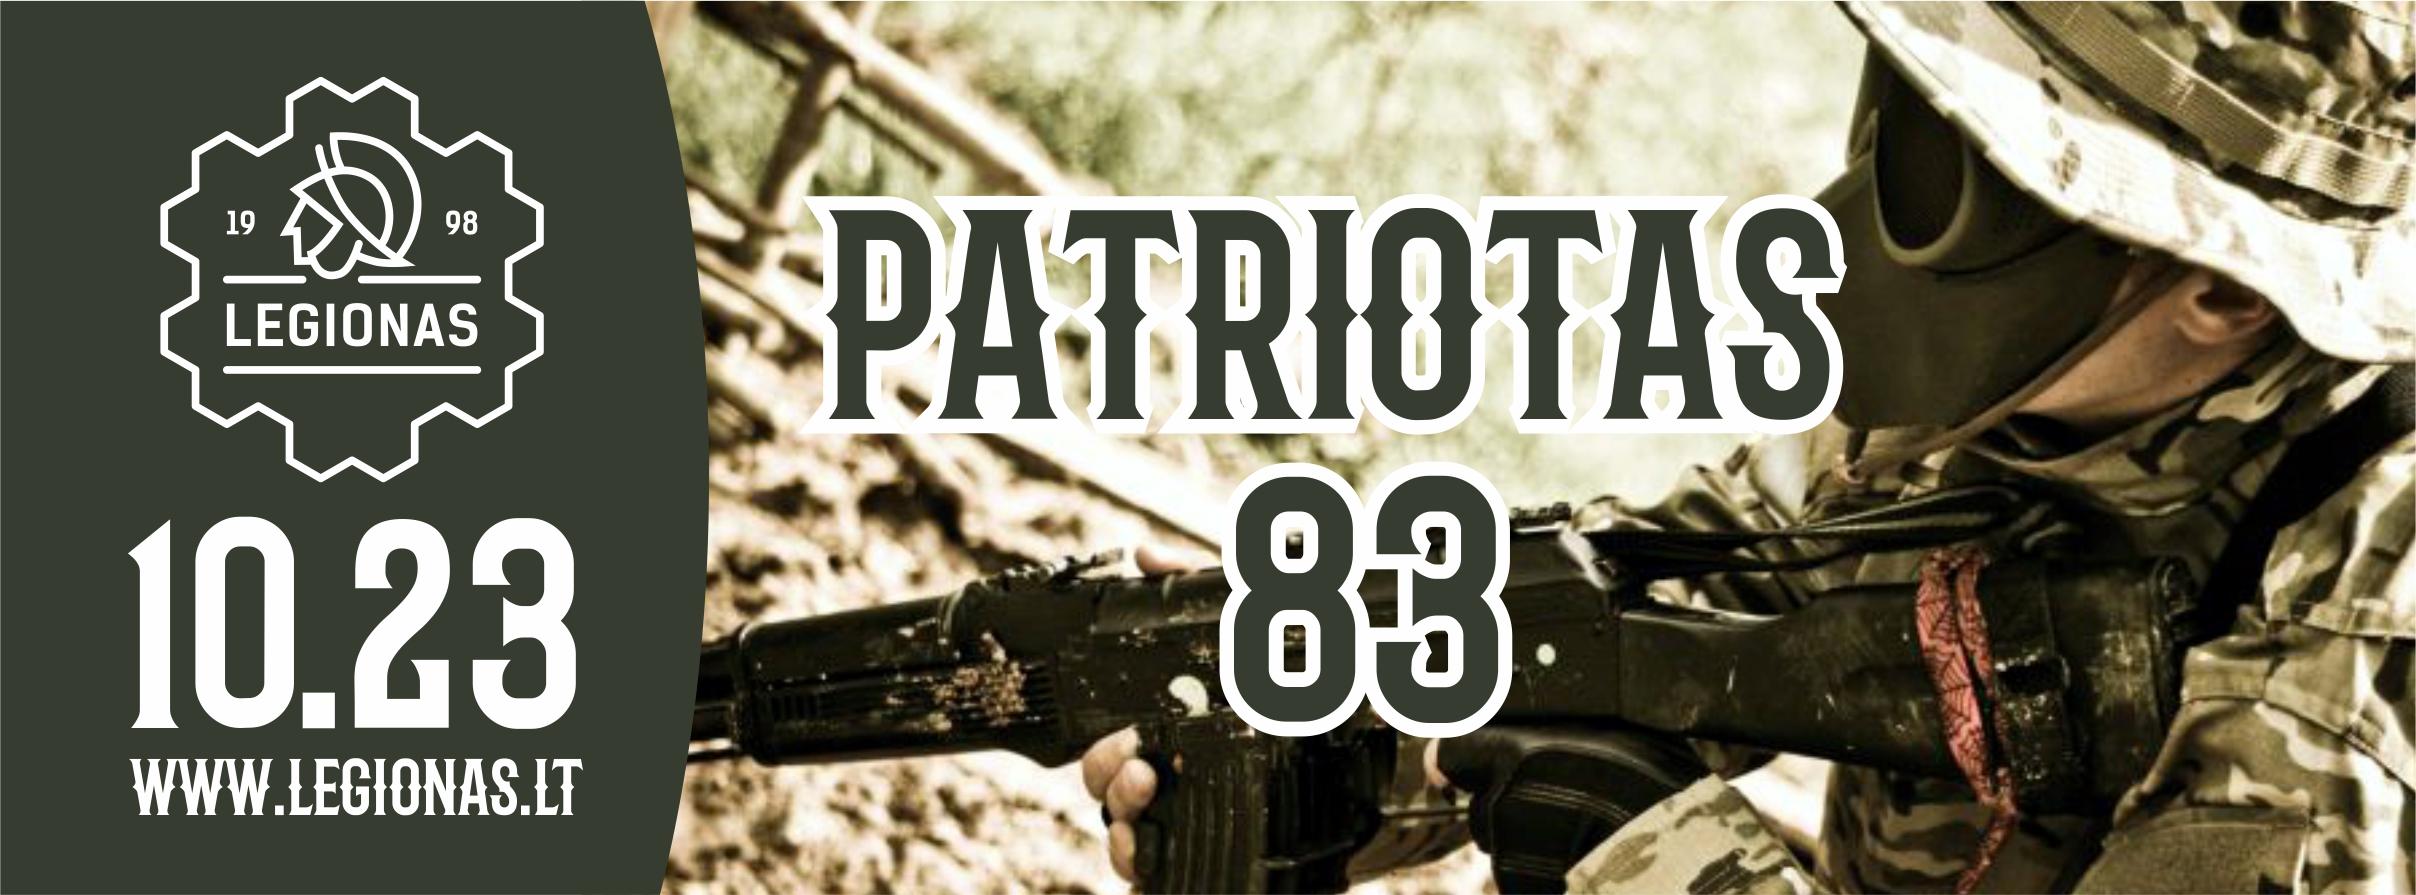 patriotras_83